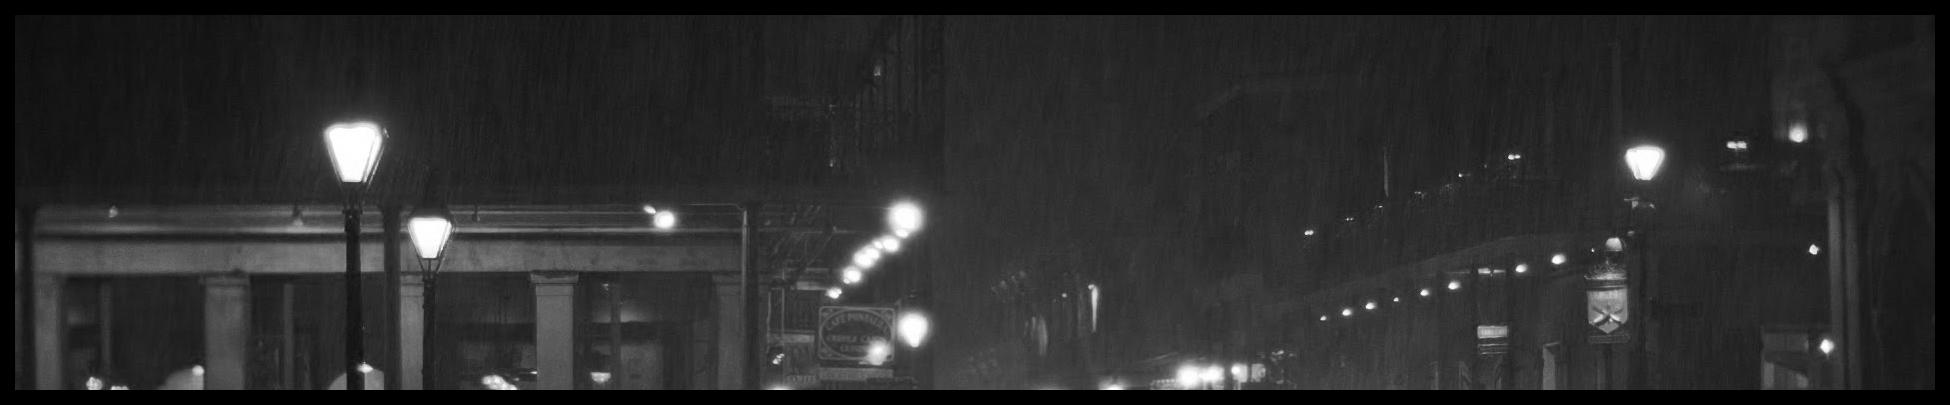 Quarter_Rain_Night.jpg